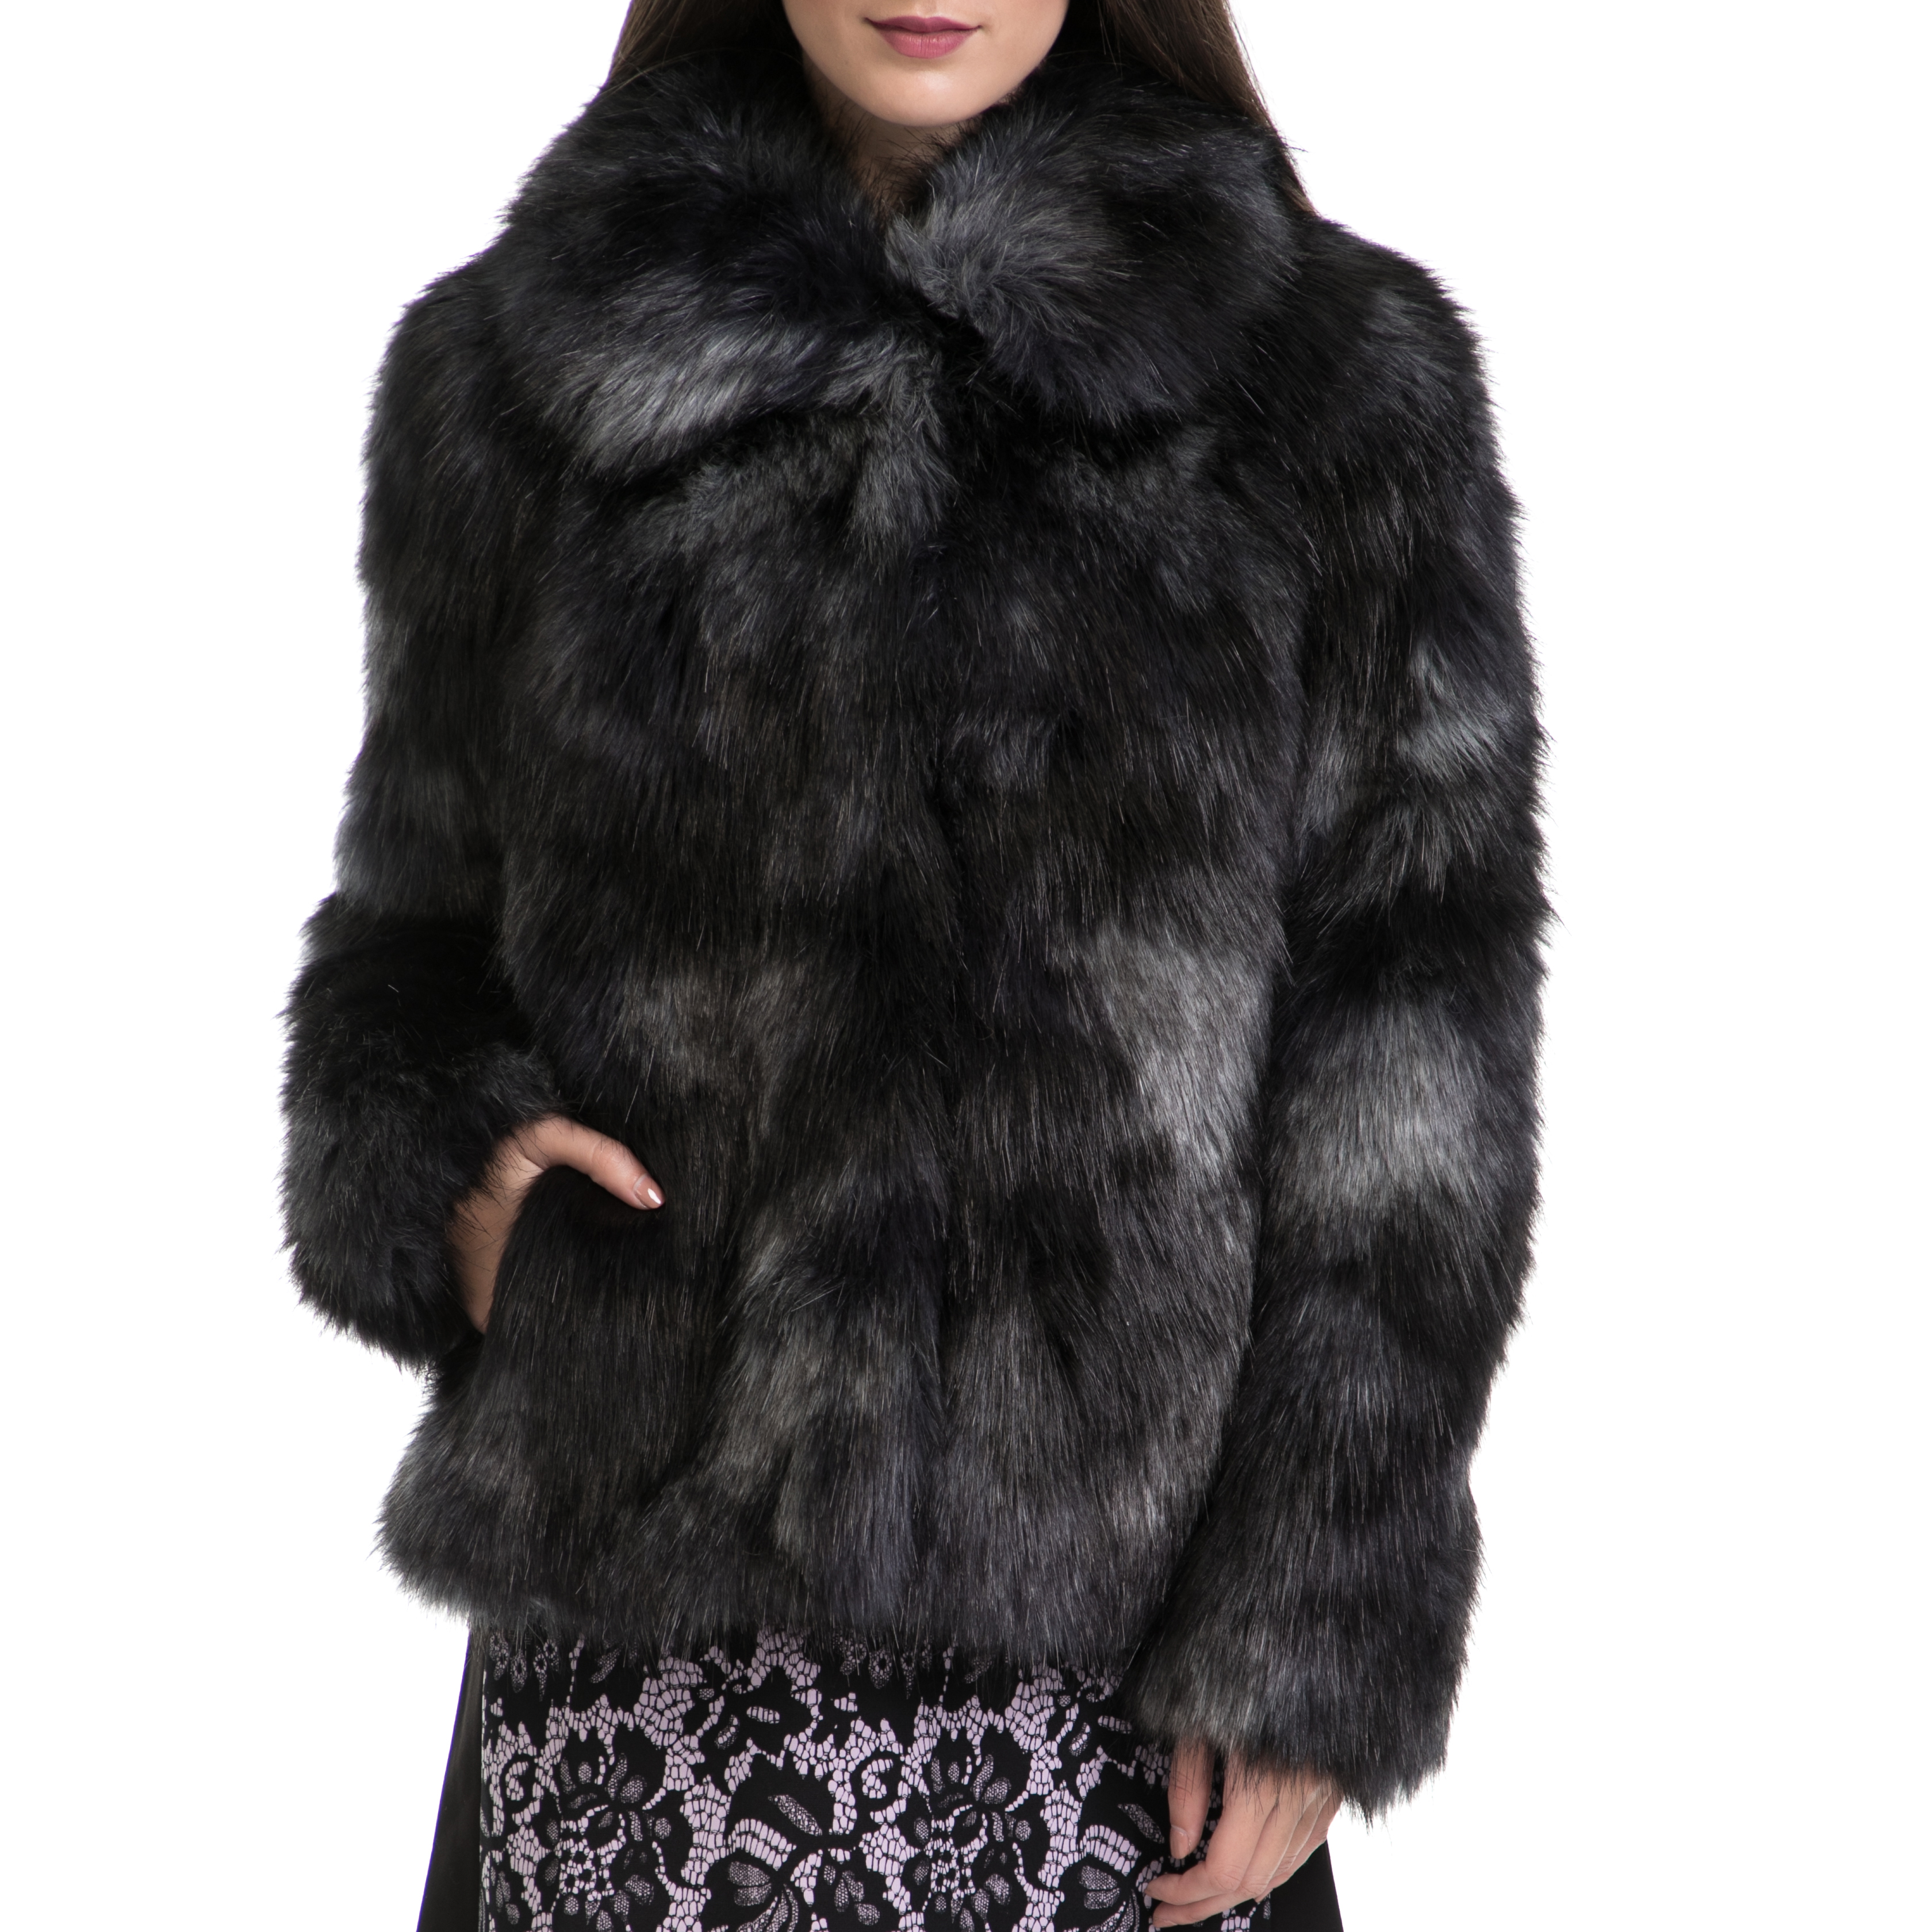 JUICY COUTURE – Γυναικείο παλτό MULTICOLOR FAUX FUR COAT μαύρο-γκρι